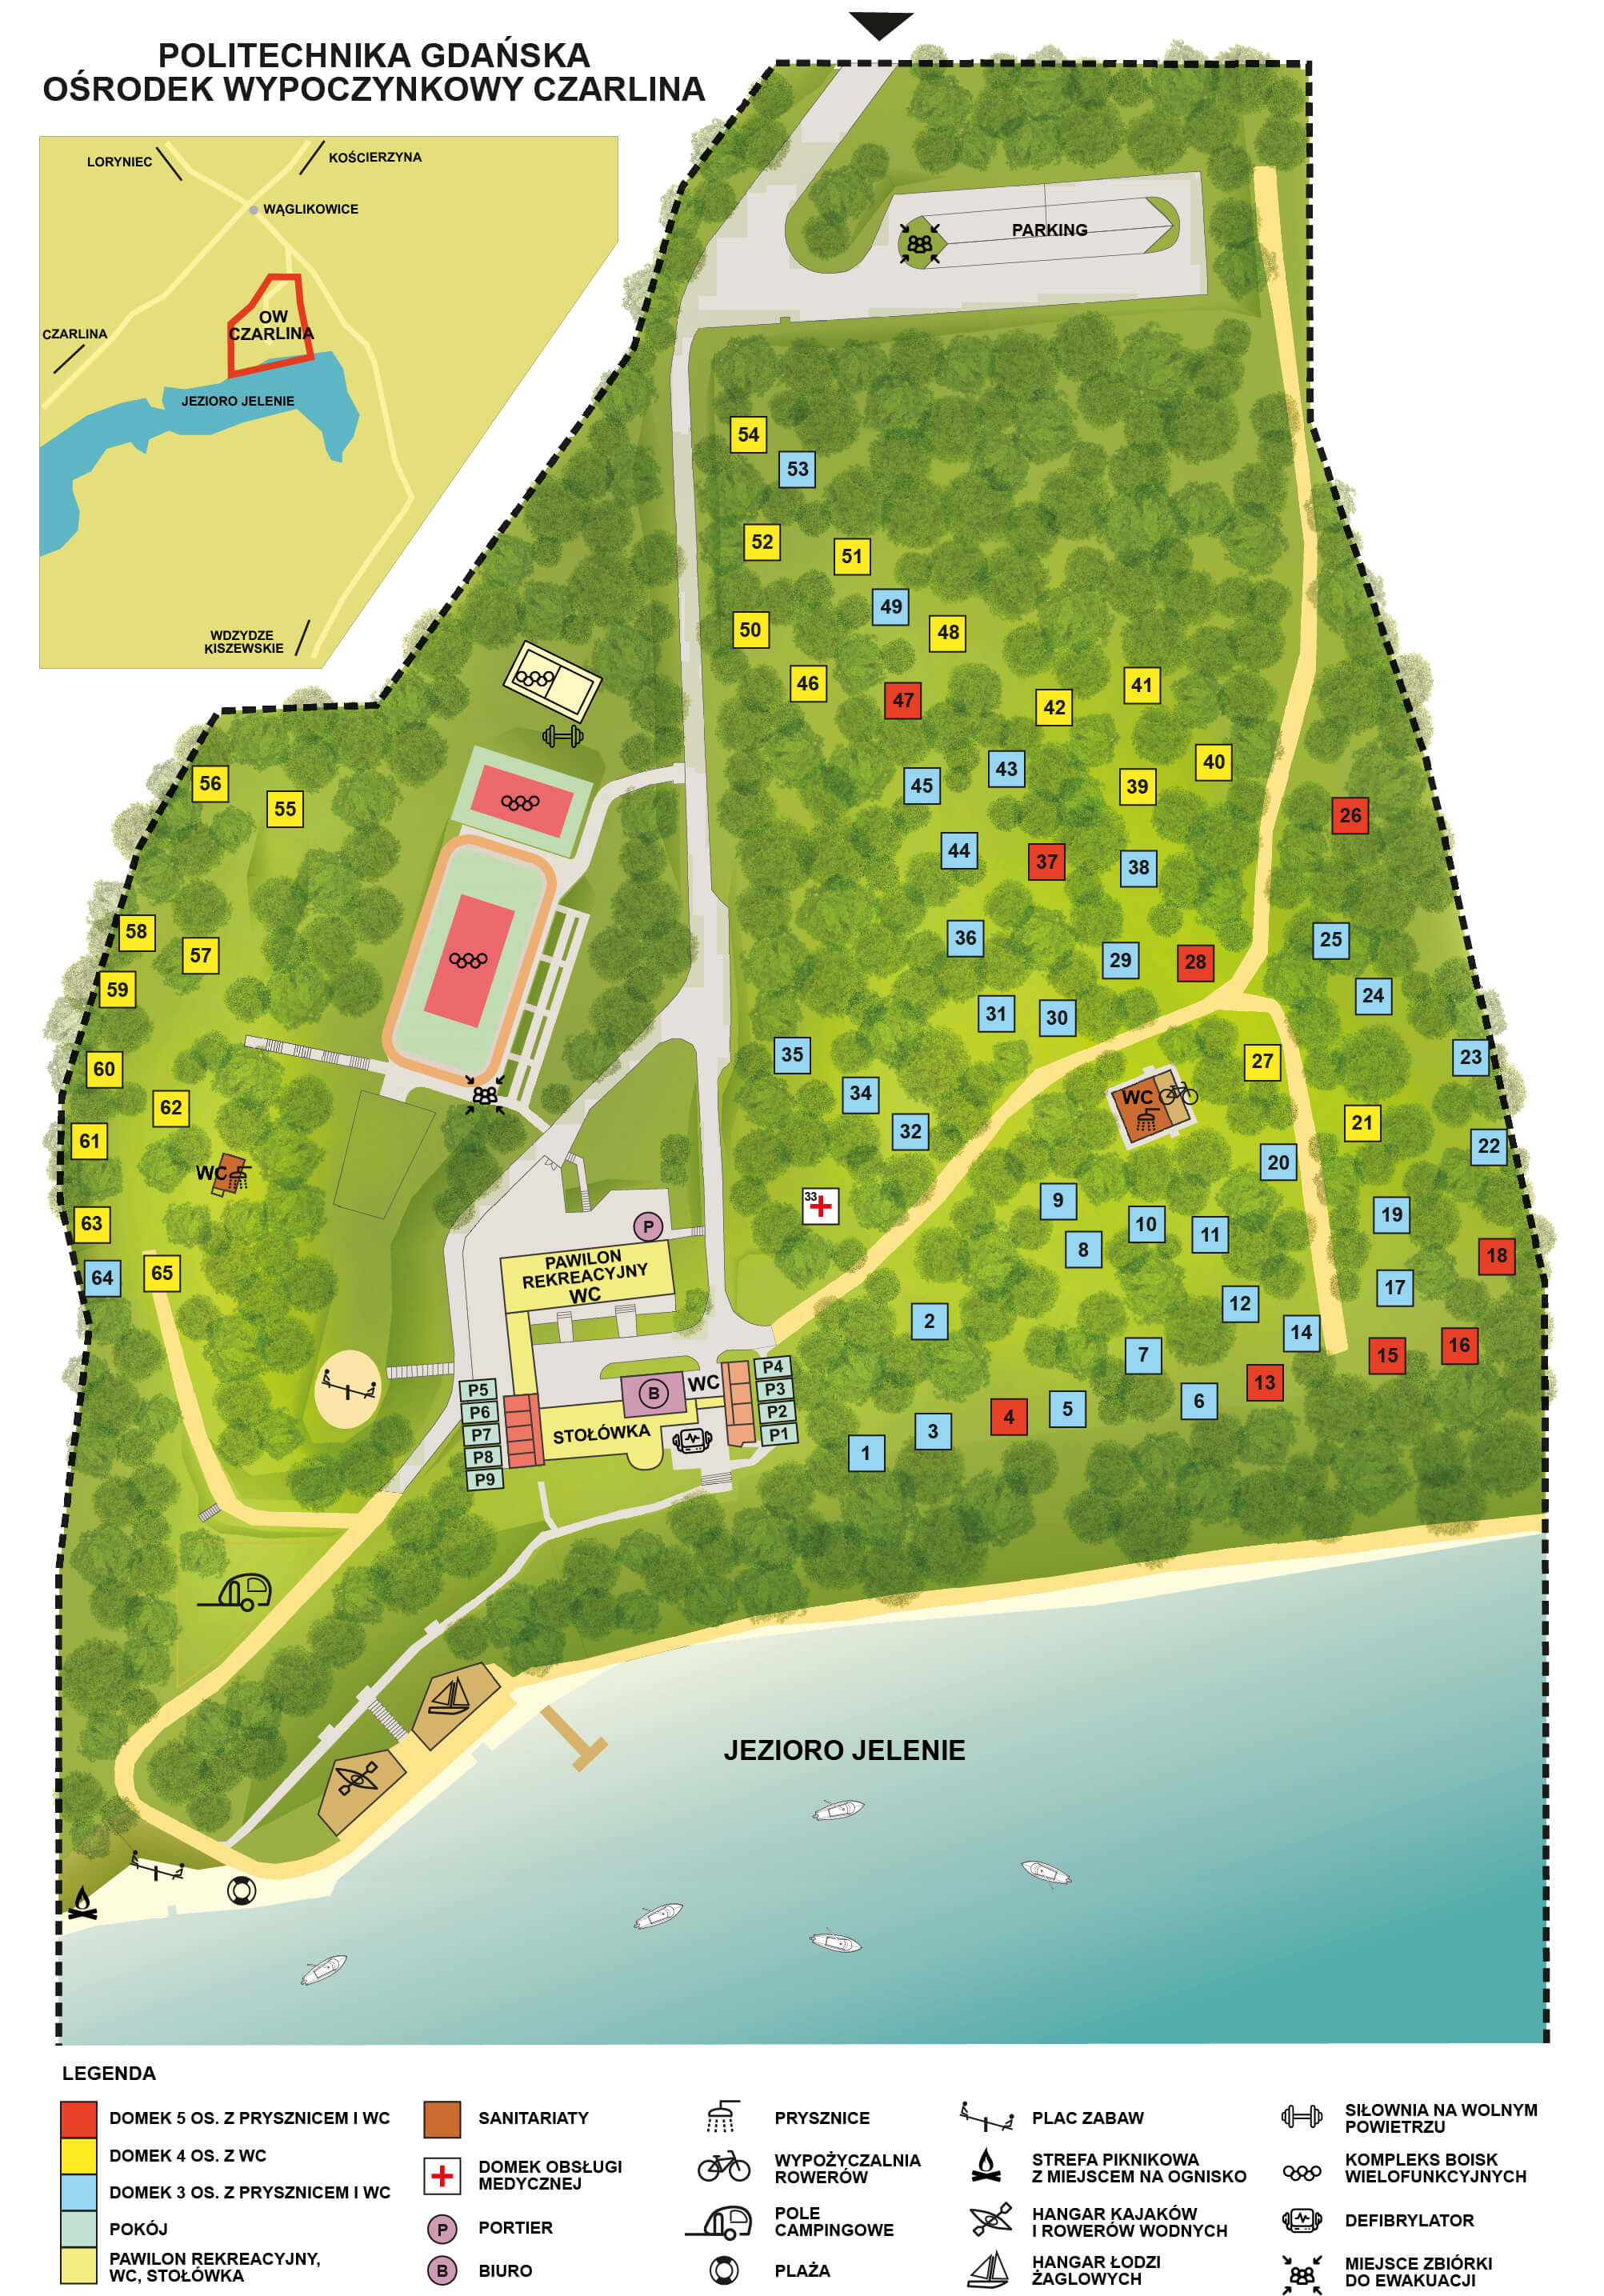 Mapa ośrodka z lokalizacją domków i atrakcji